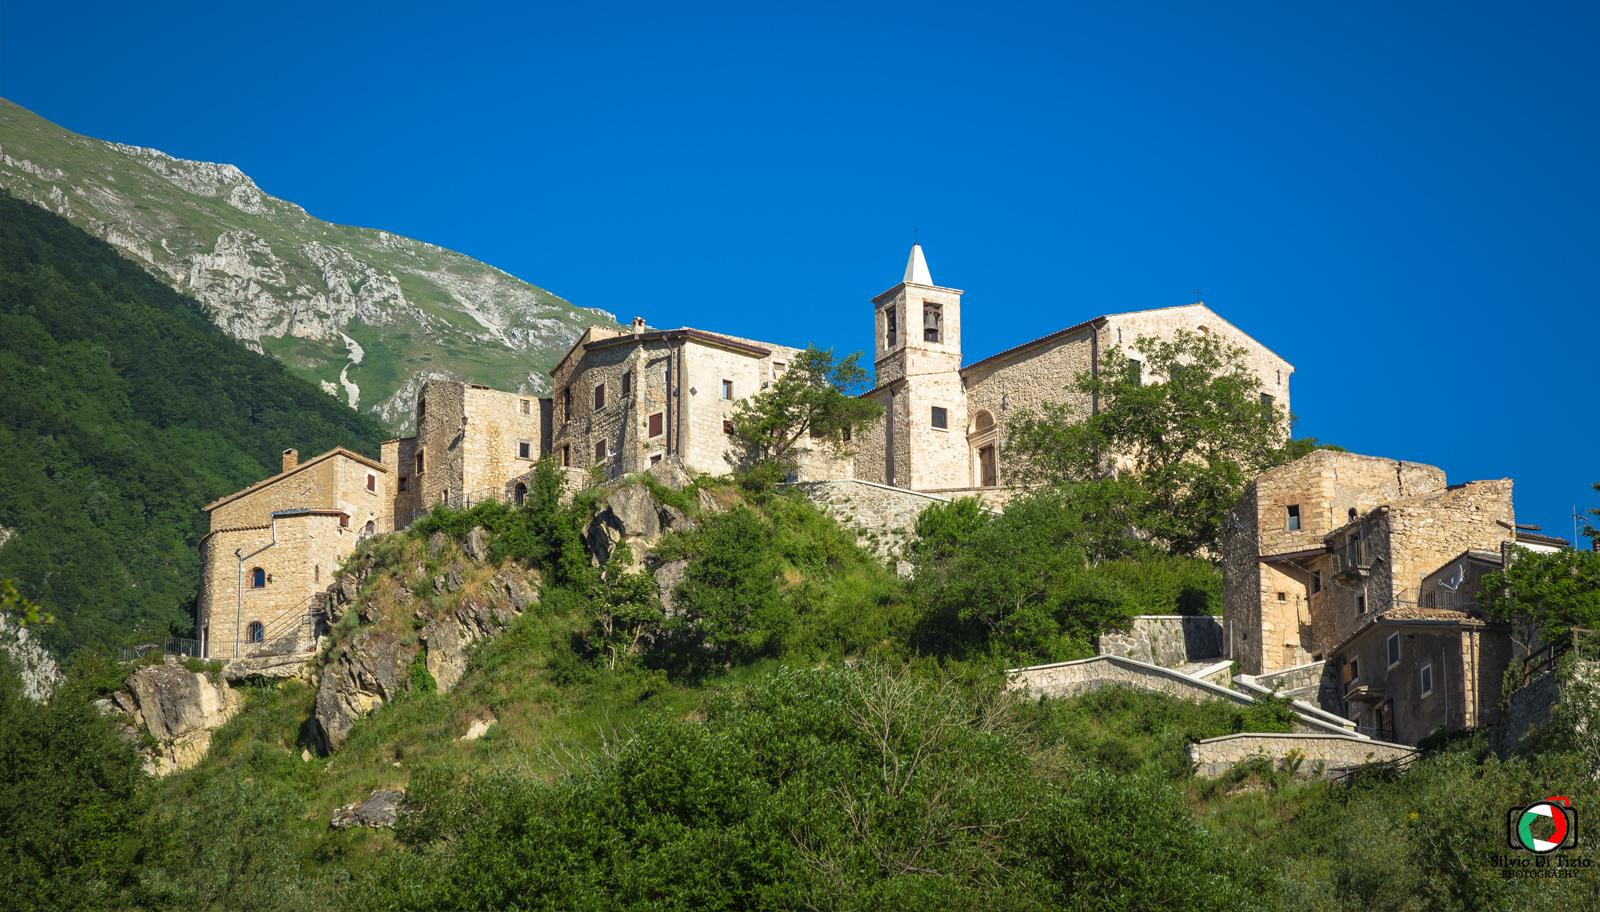 Roccacaramanico il borgo in provincia di Pescara Abruzzo